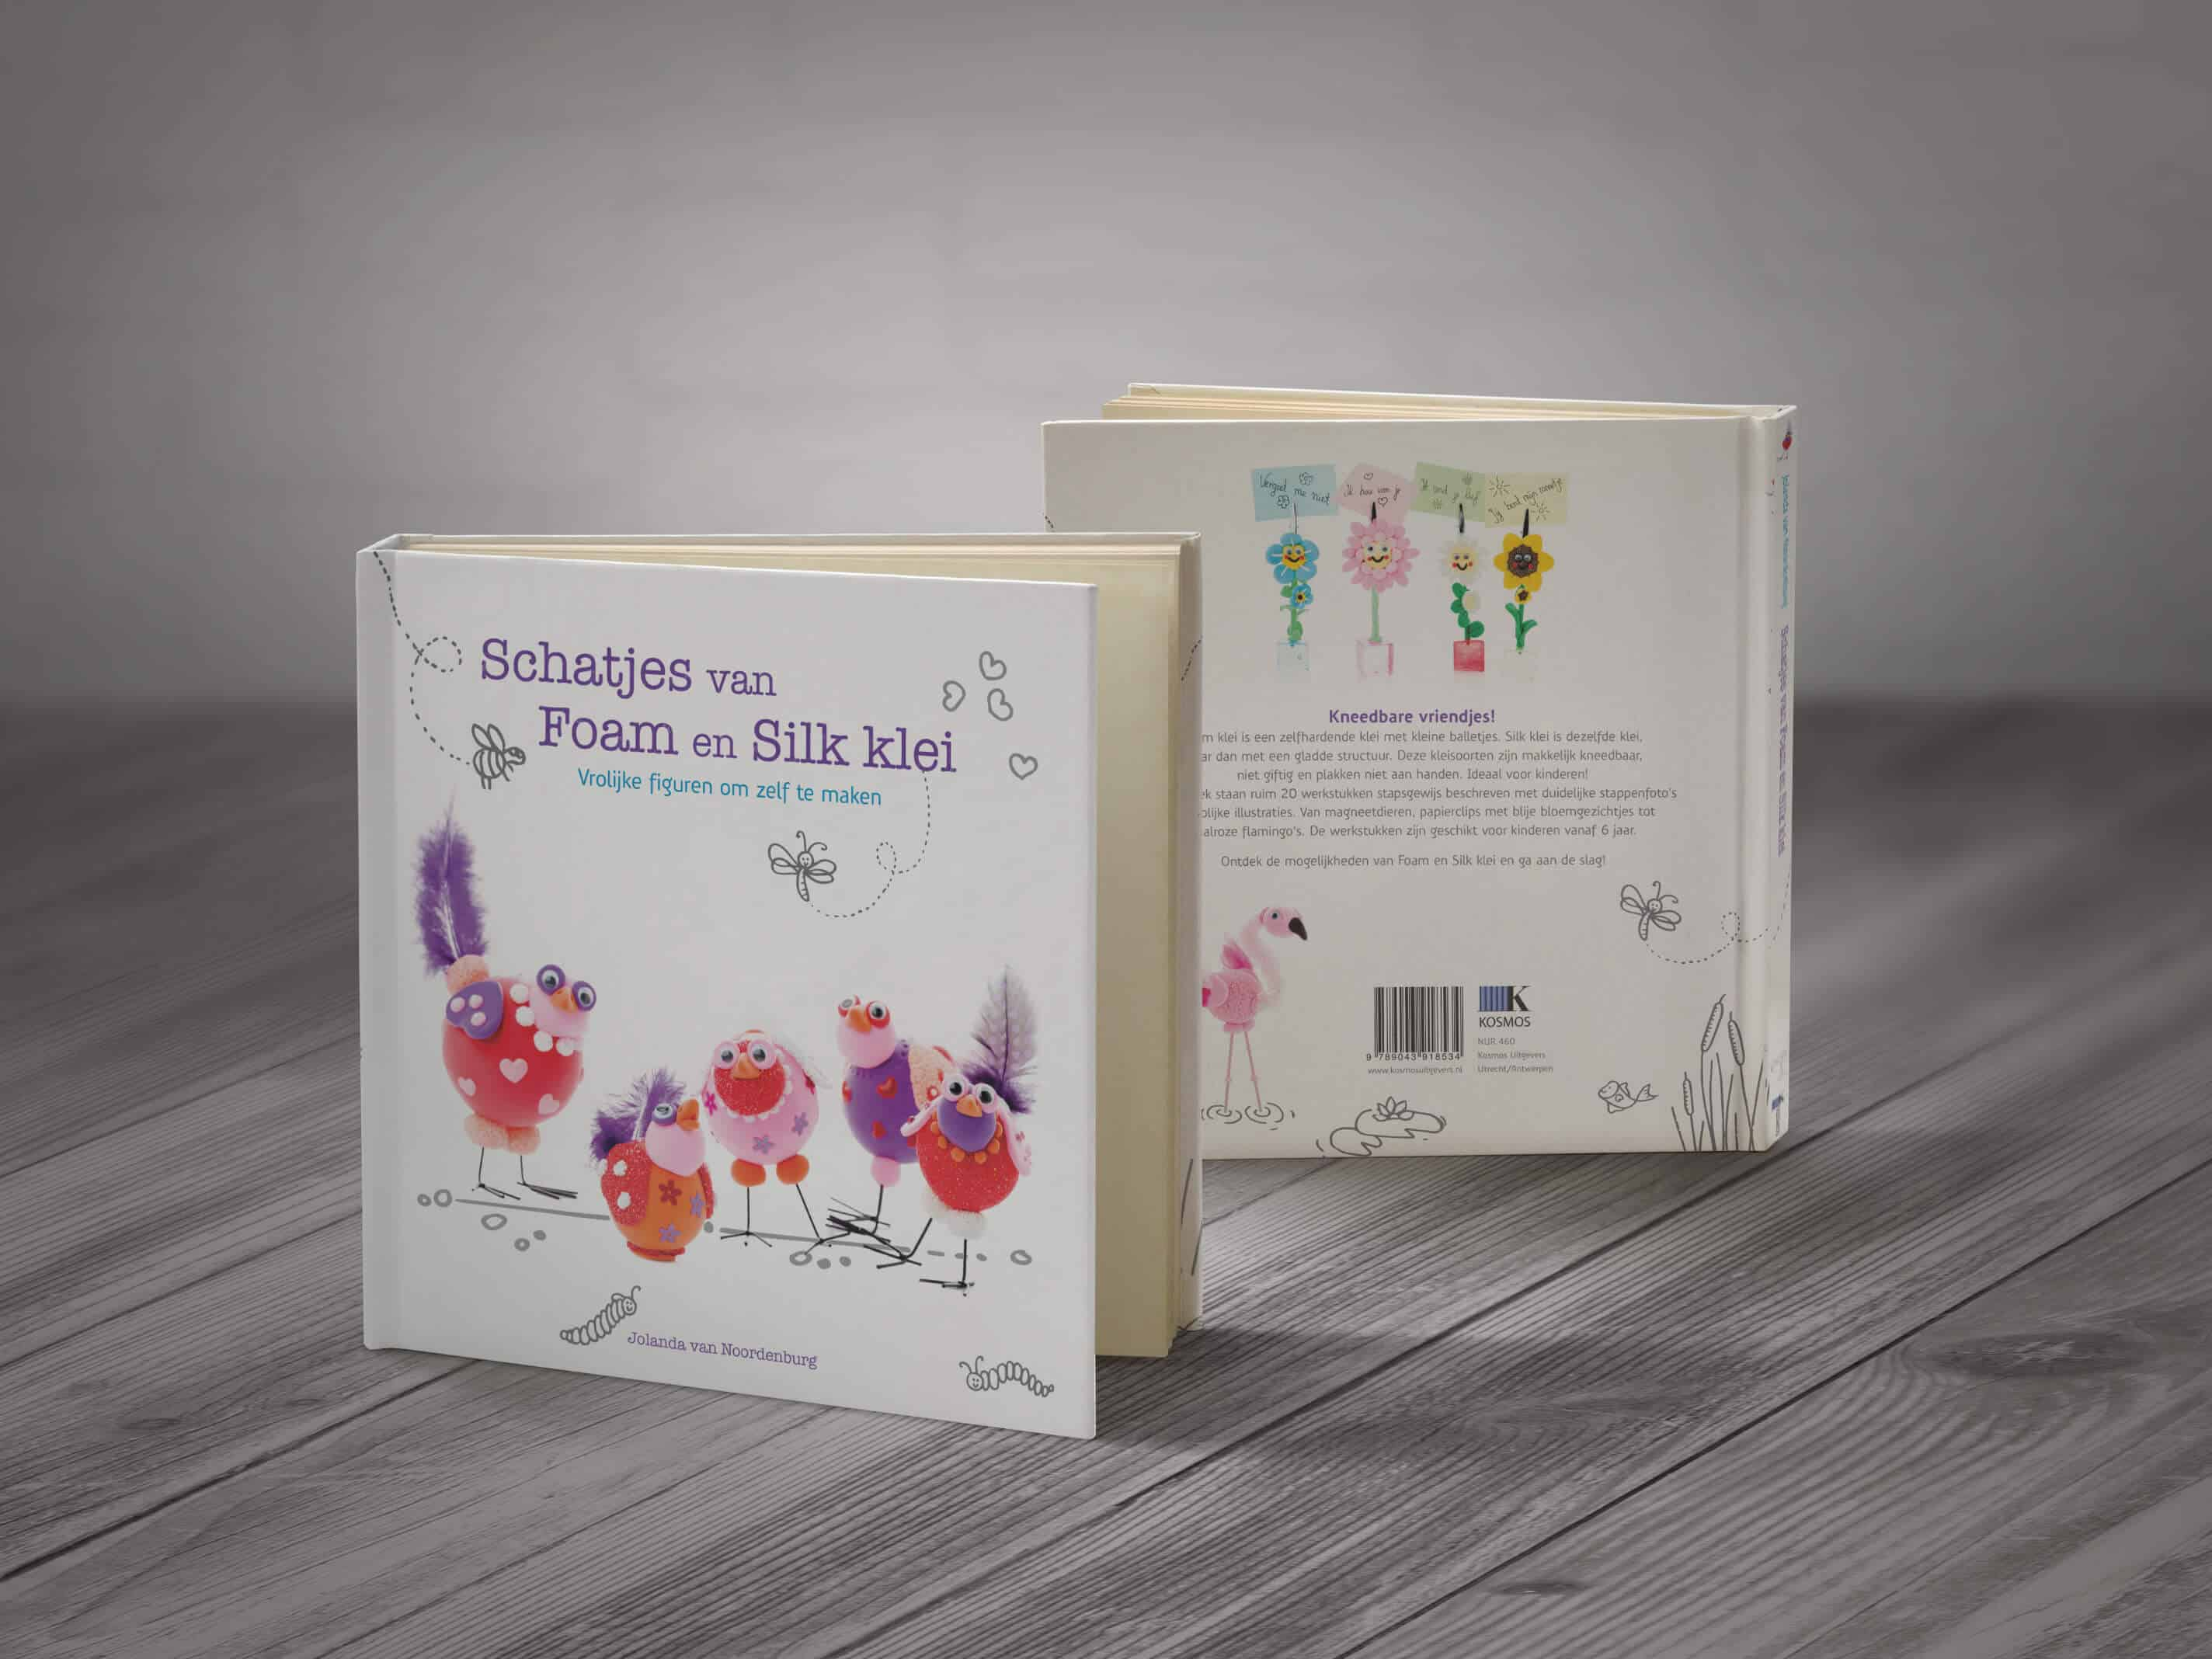 Schatjes van foam en silk klei boekomslag ontwerp